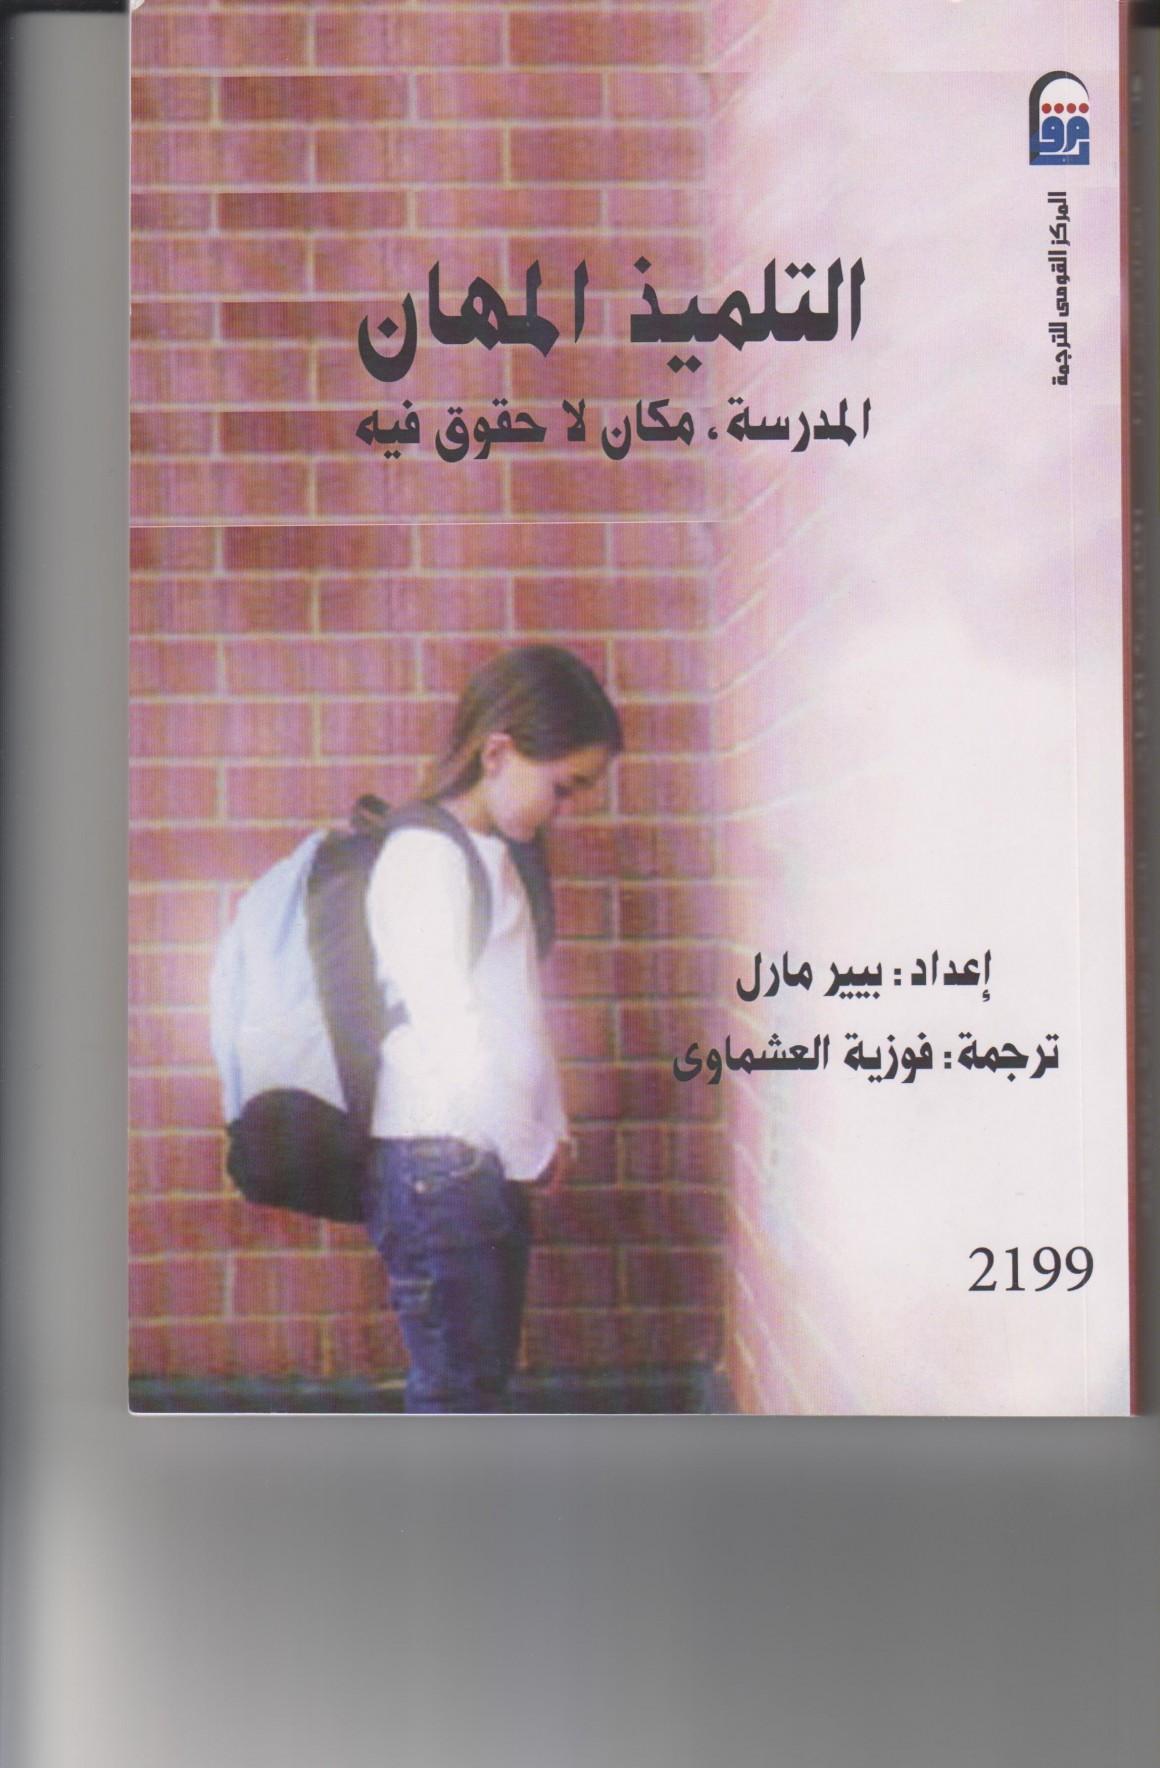 غلاف الكتاب1